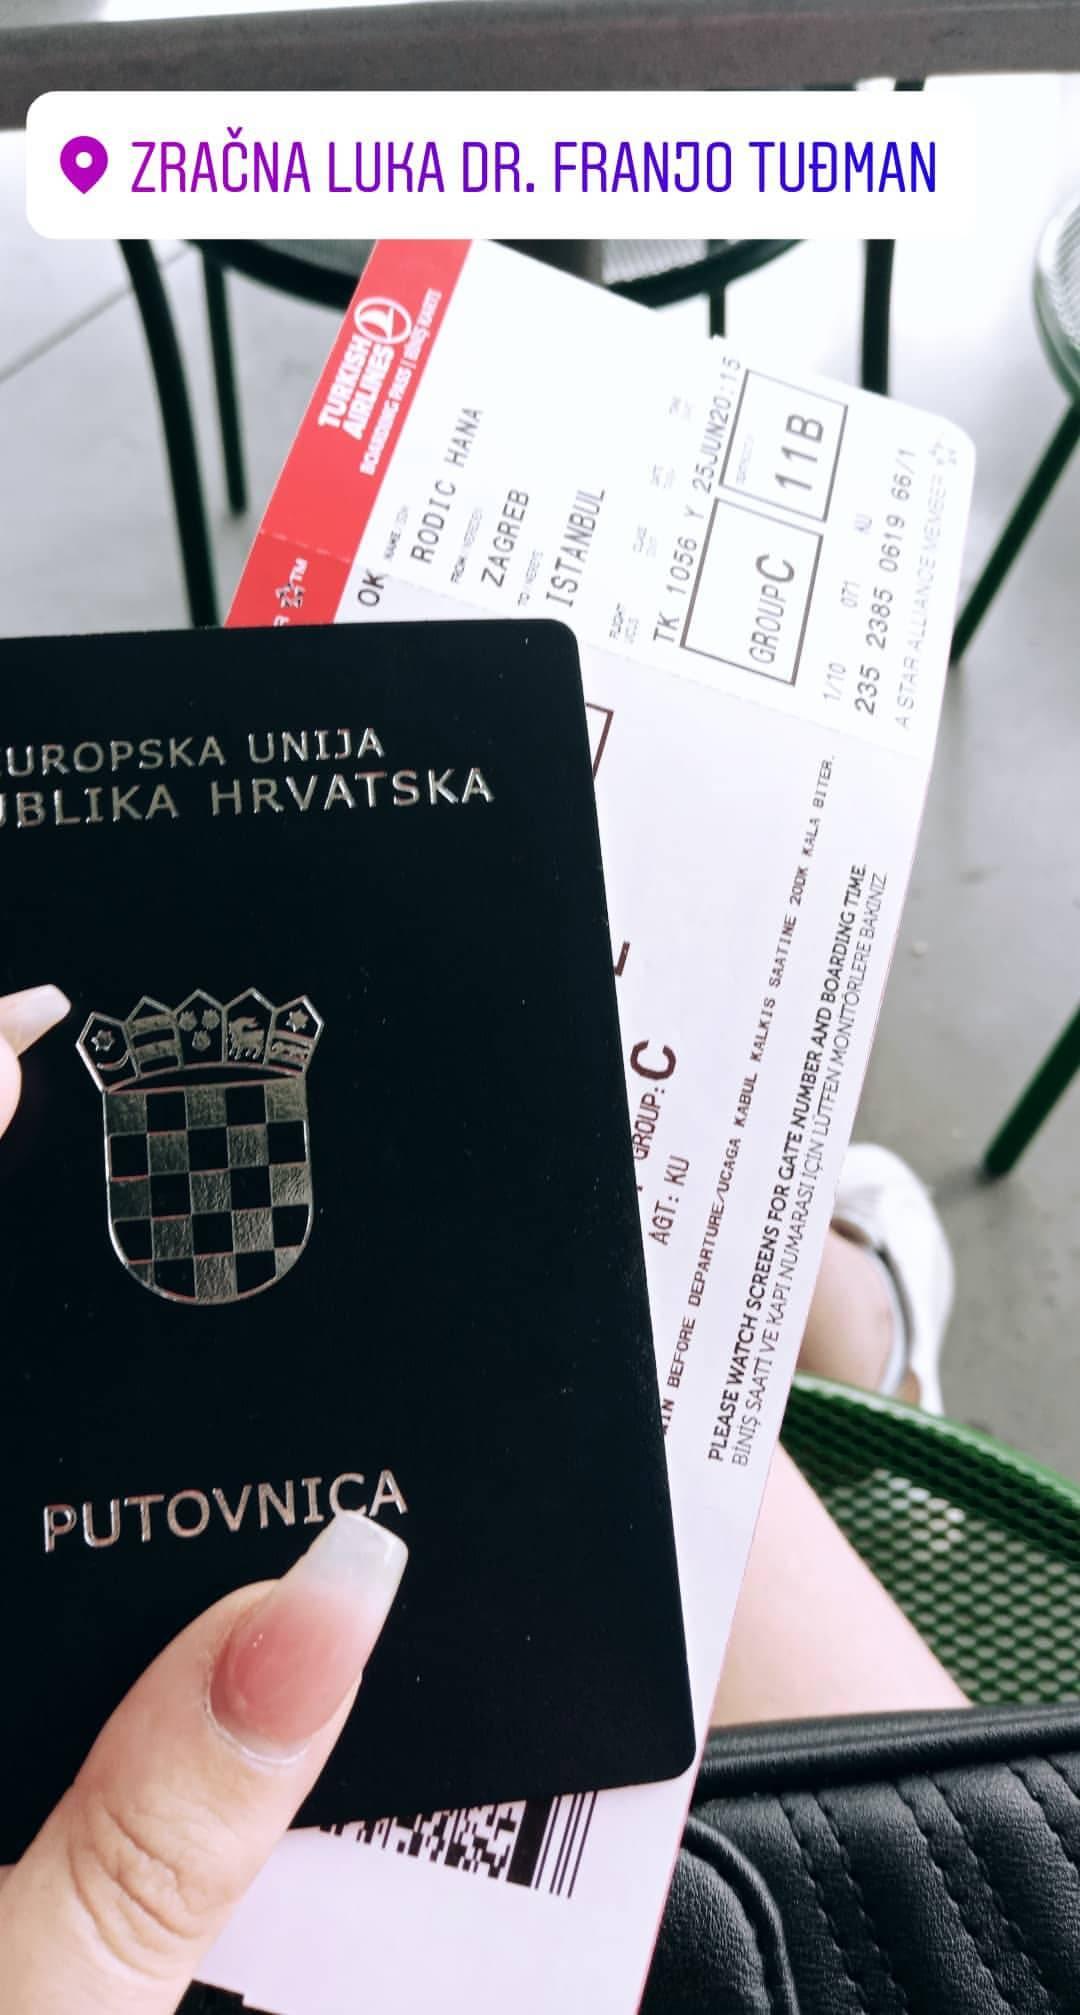 Hana je u Turskoj na operaciji: Bojim se rezanja, držite mi fige